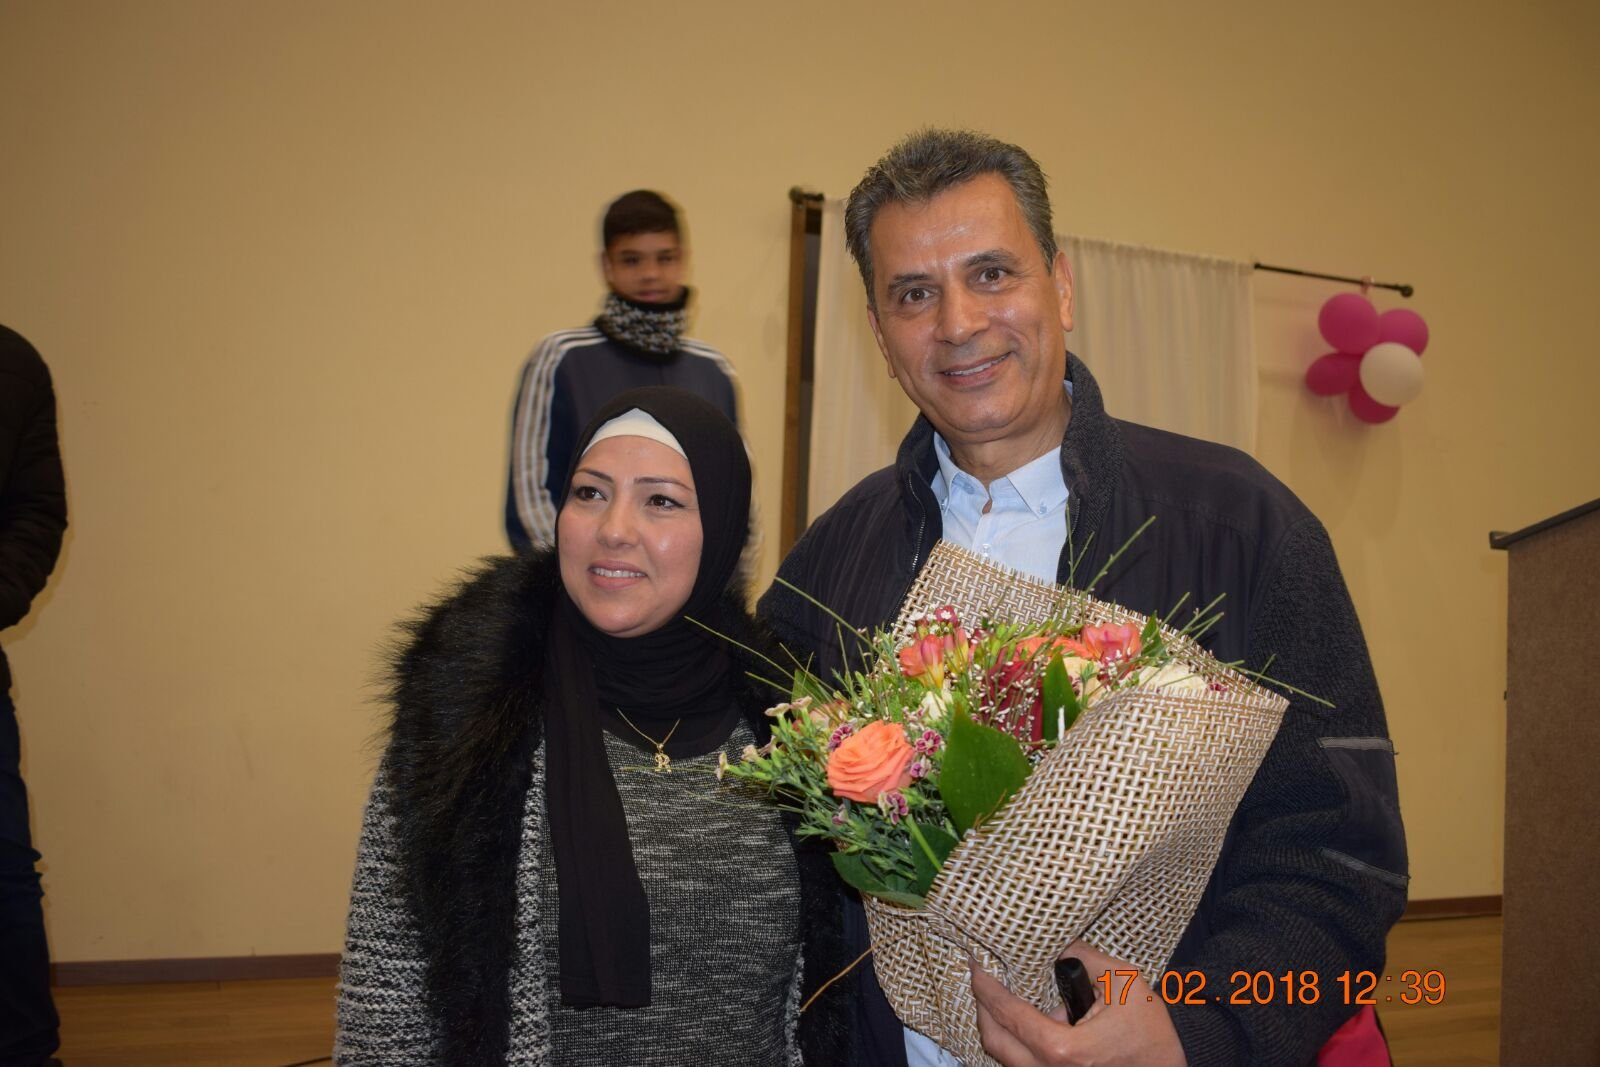 استضافة ثانوية بيت الحكمة الدكتور المتميز نادر بطو